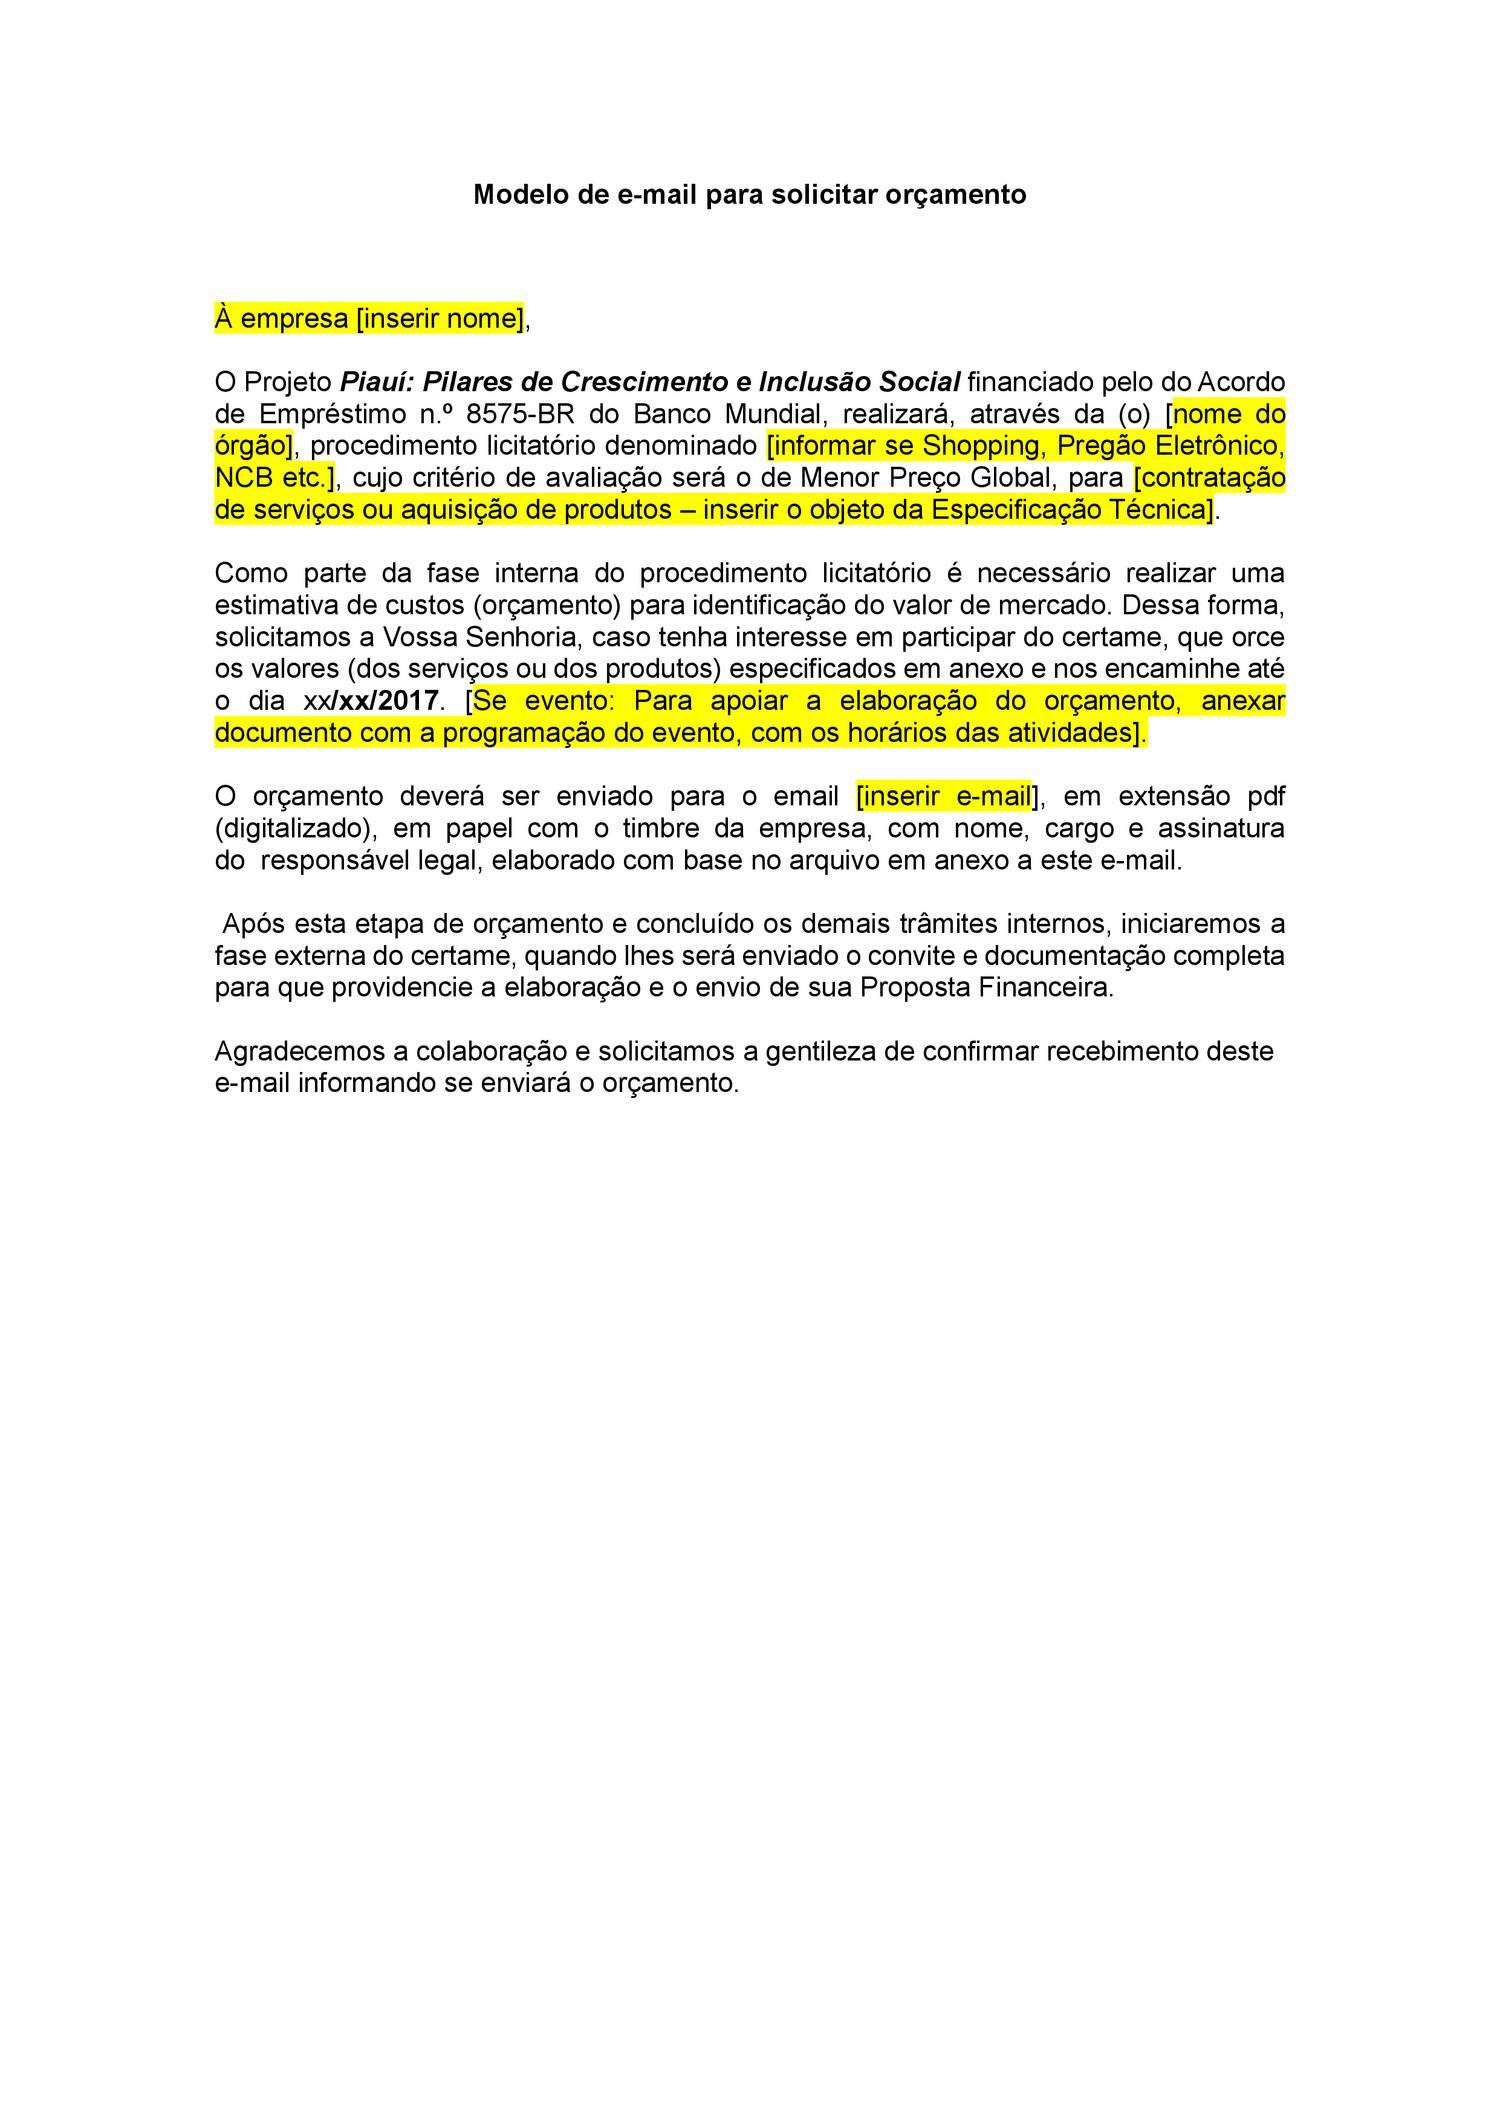 Modelo De Email Orcamento 17 04 17docx Docdroid